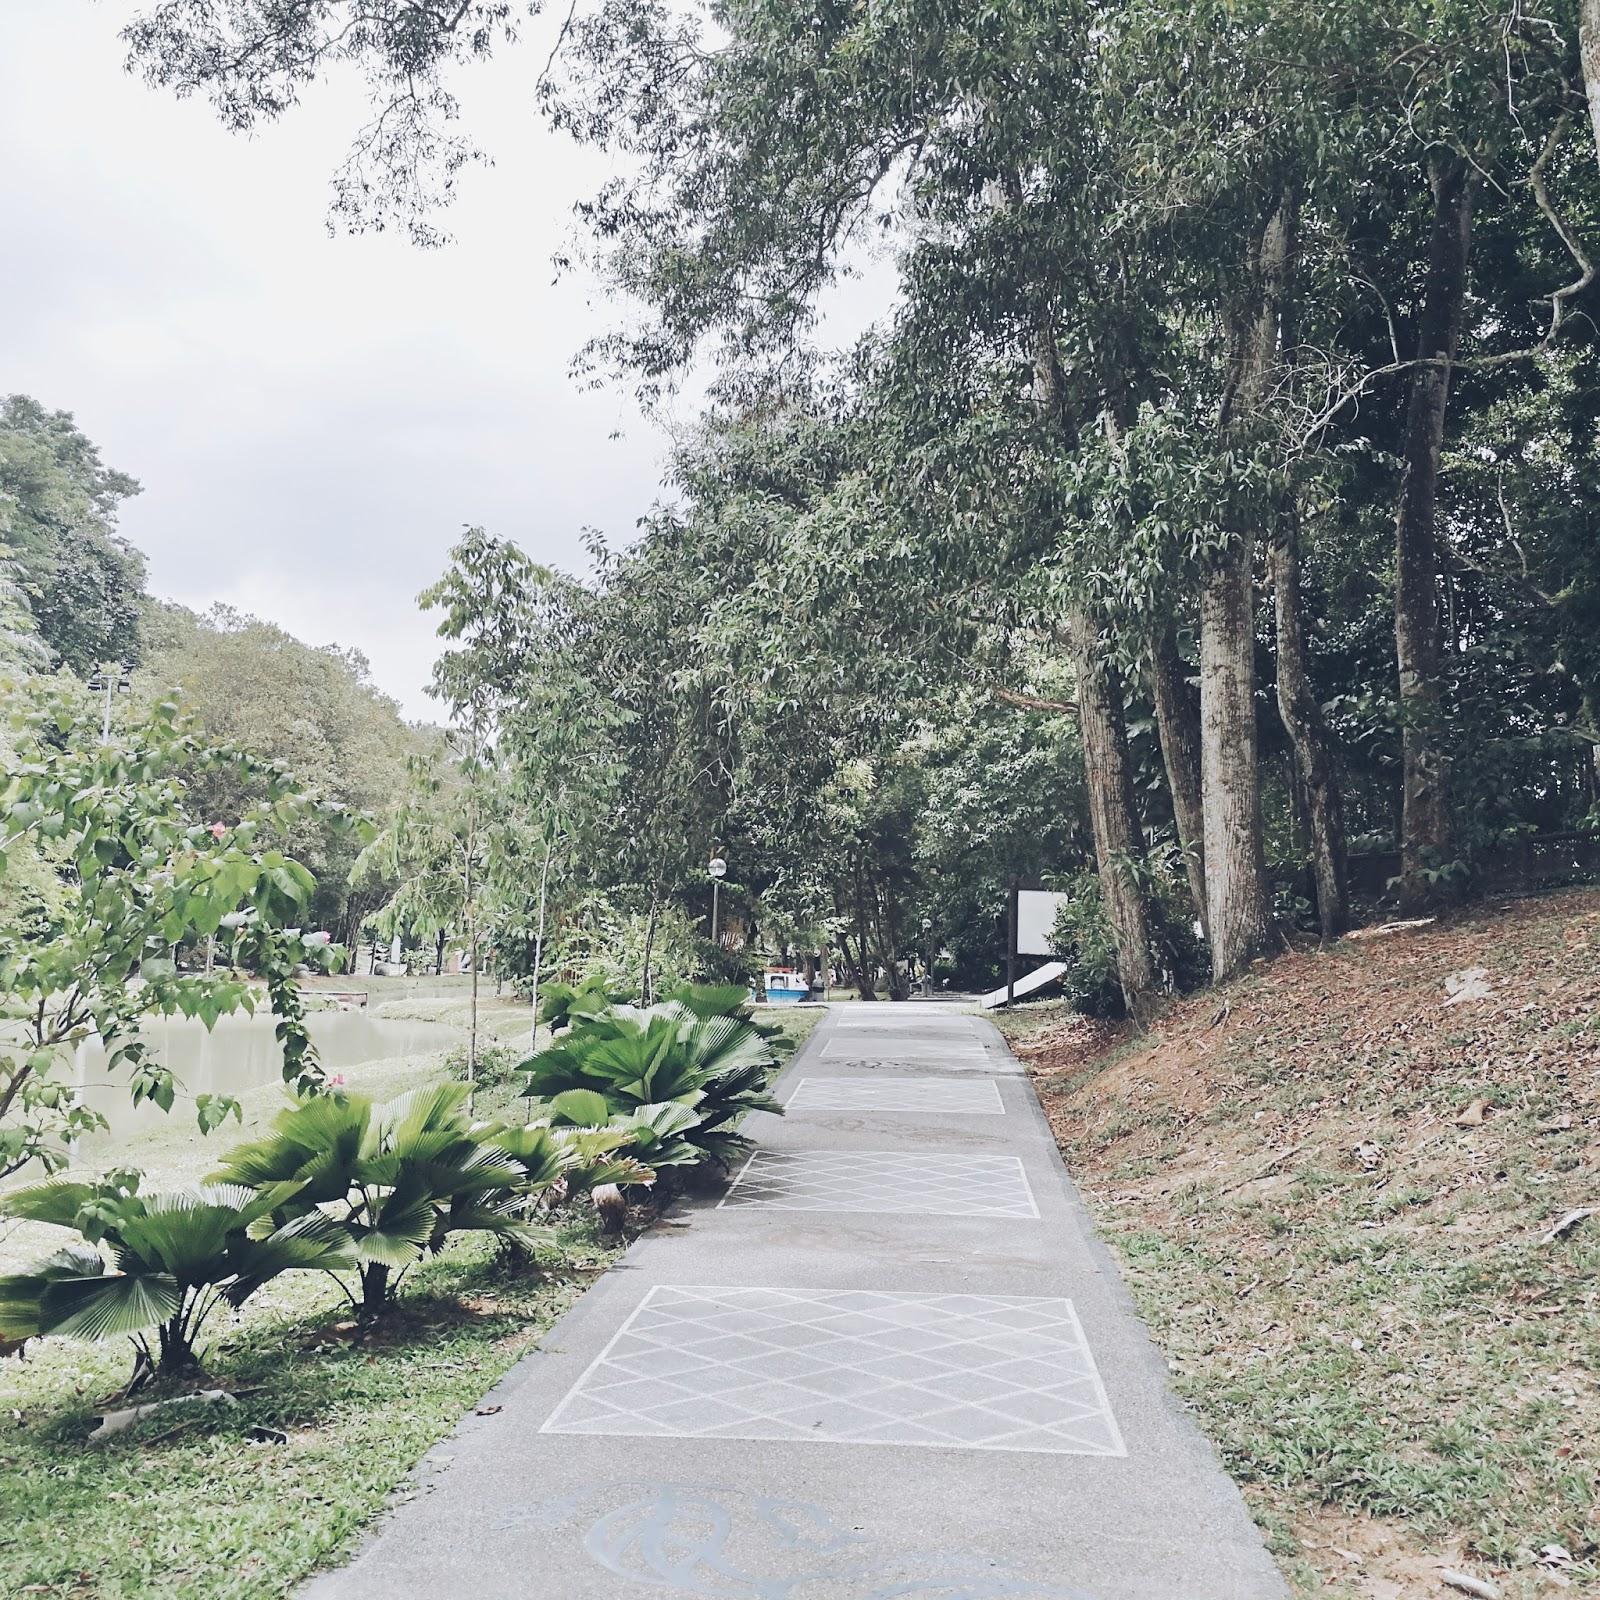 Landscape of Hutan Bandar Johor Bahru - the Upgrade